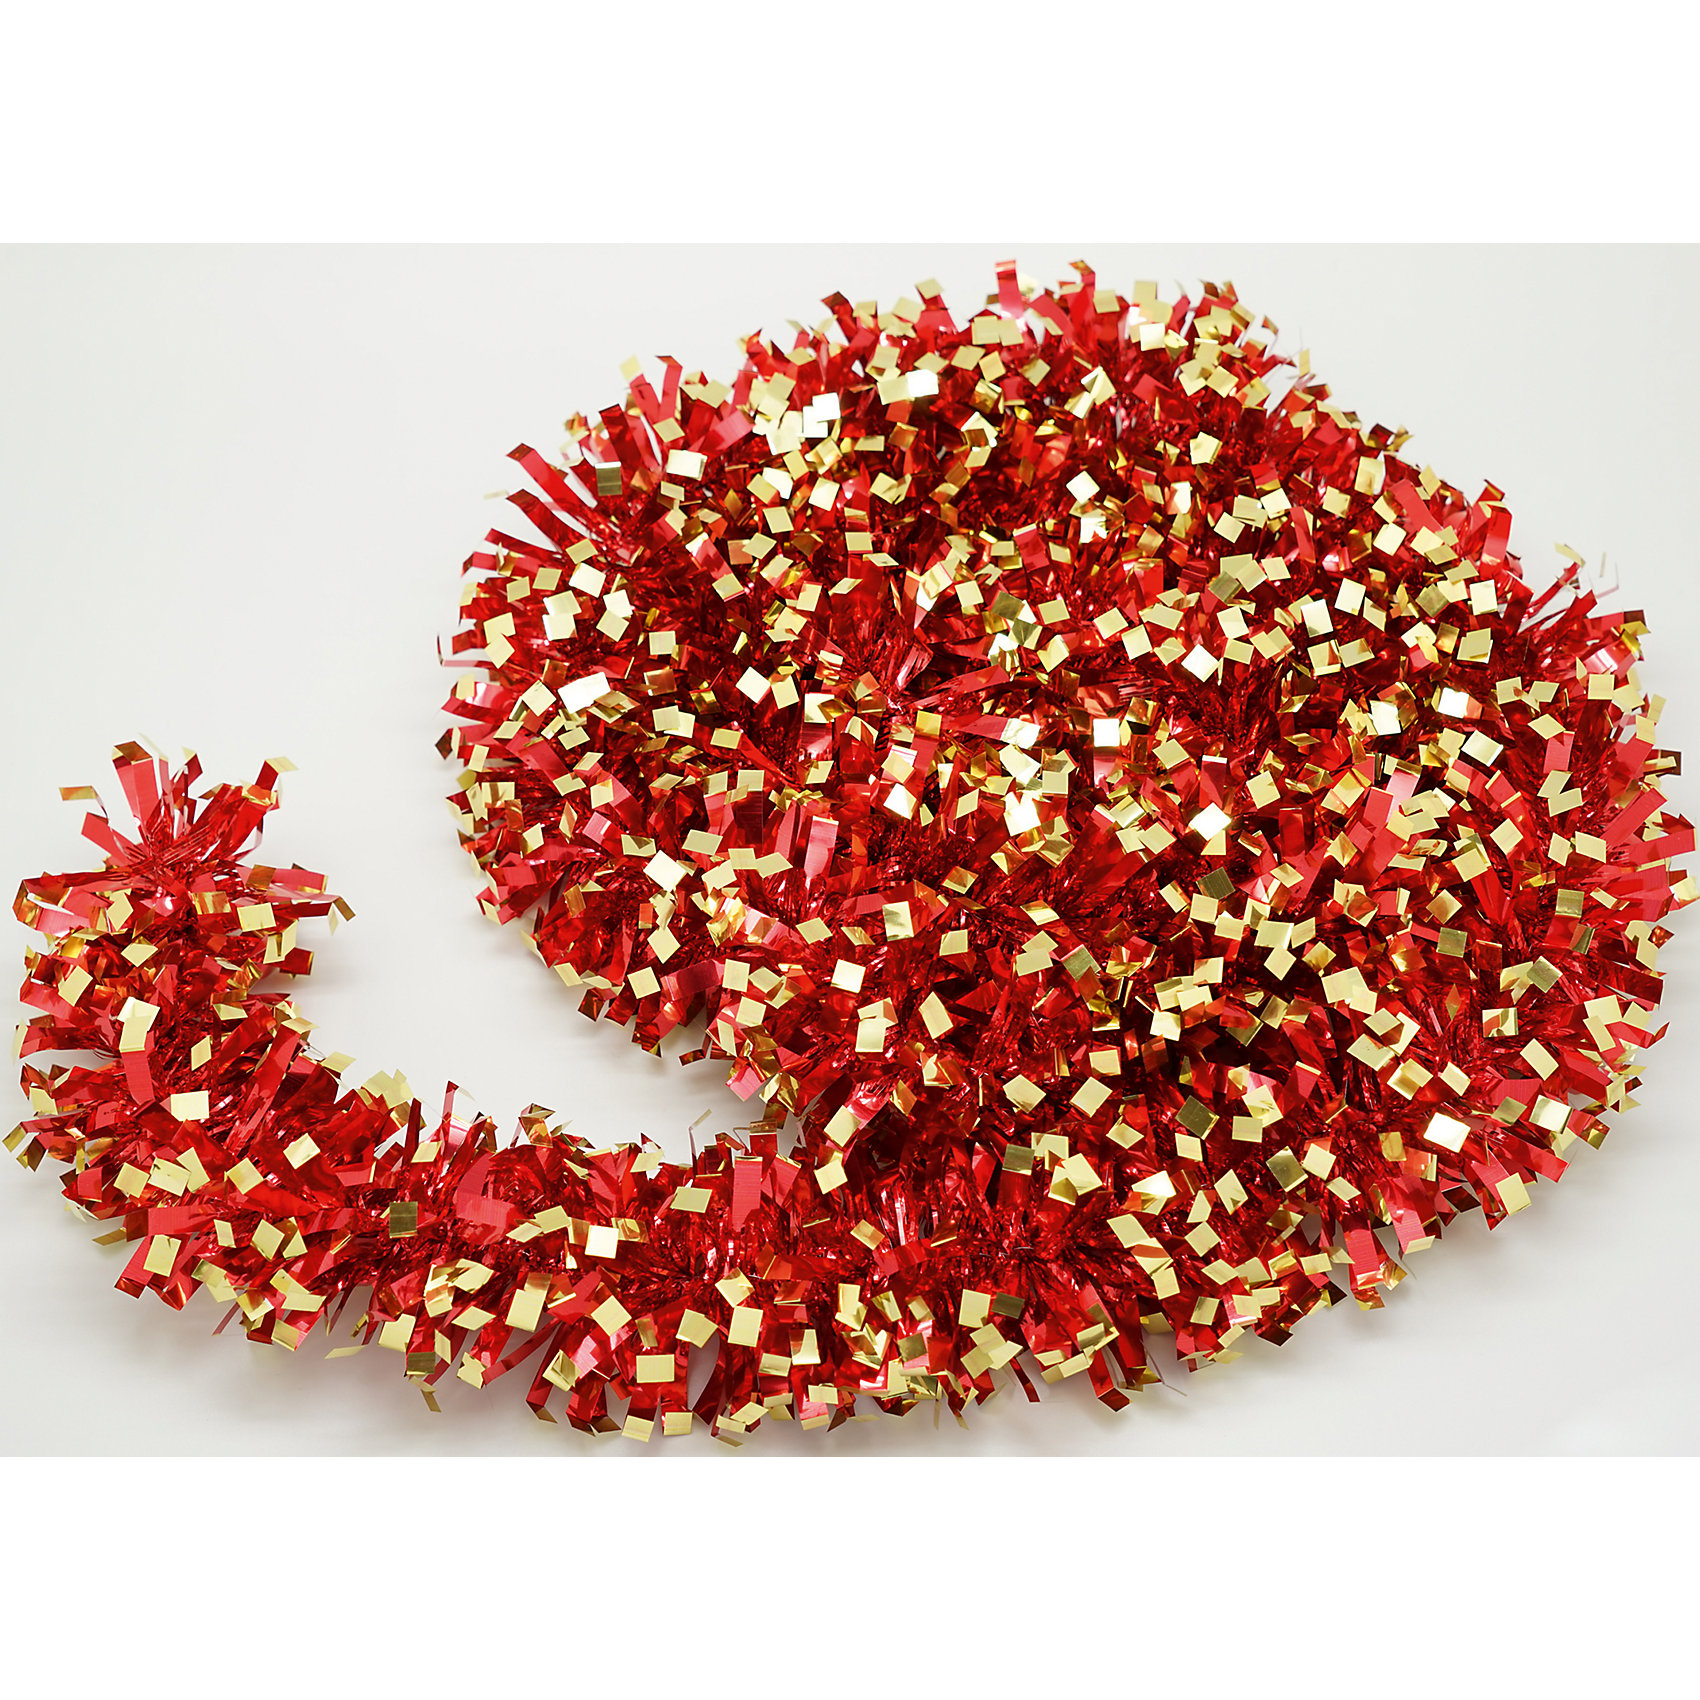 Новогодняя мишура, красная с золотом 9х200Новогодняя мишура и бусы<br>Мишура новогодняя красная с золотом 9х200 арт.16503 Мишура идеально подойдет для оформления Вашего новогоднего праздника.<br>Из Мишуры очень просто воплотить Ваши дизайнерские идеи в  жизнь, благодаря тонкой проволке внутри, мишура легко принимает ту форму, которую Вам необходимо. Удачи в Ваших Новогодних задумках!<br><br>Ширина мм: 2000<br>Глубина мм: 90<br>Высота мм: 90<br>Вес г: 50<br>Возраст от месяцев: 72<br>Возраст до месяцев: 480<br>Пол: Унисекс<br>Возраст: Детский<br>SKU: 5051668